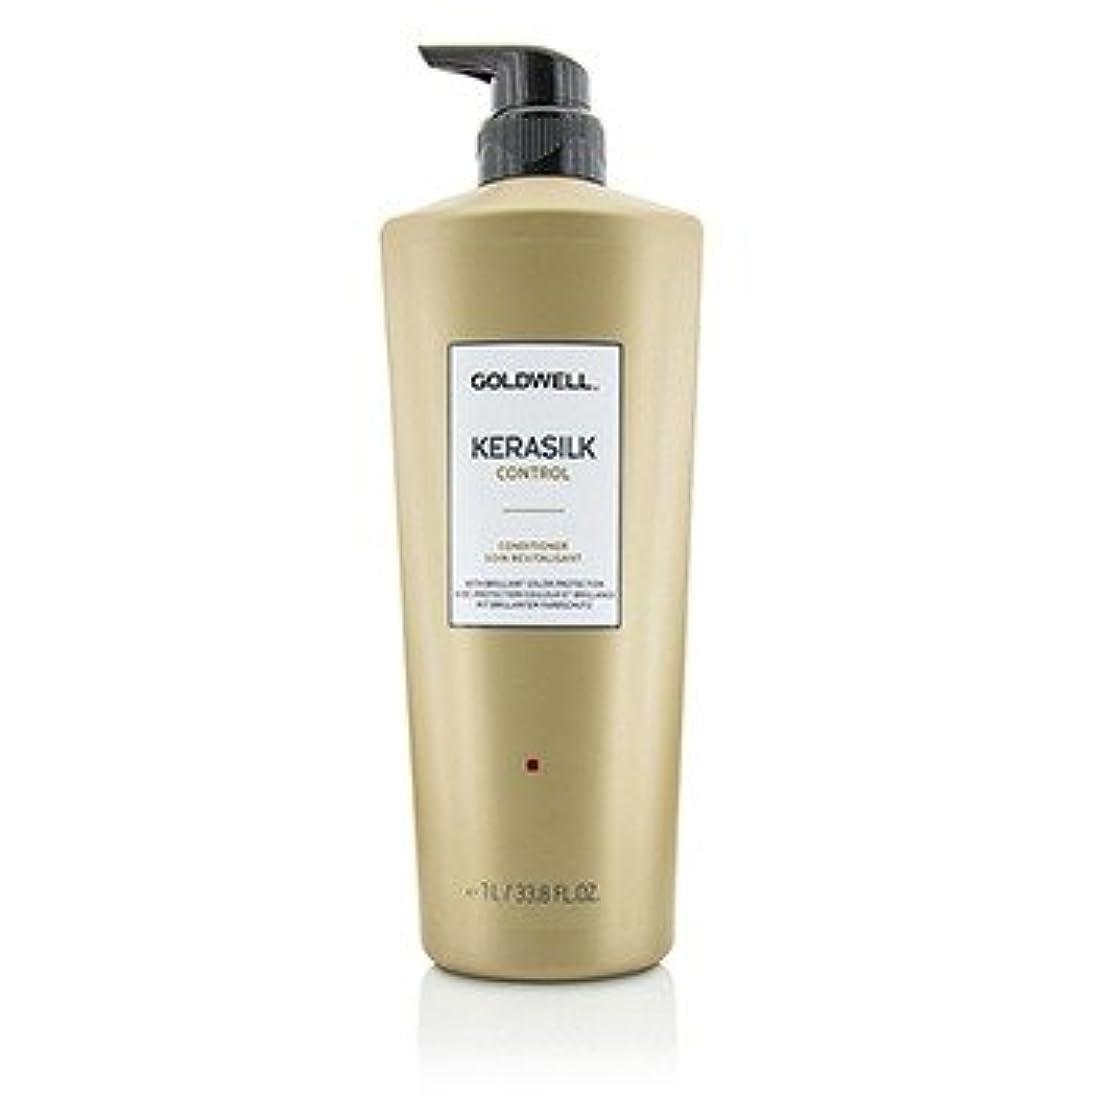 順応性パドル囲まれた[Goldwell] Kerasilk Control Conditioner (For Unmanageable Unruly and Frizzy Hair) 200ml/6.7oz